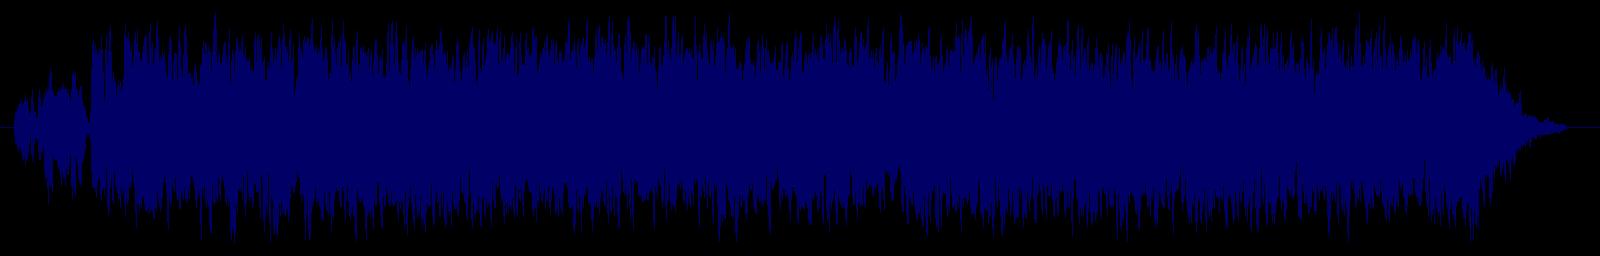 waveform of track #143669